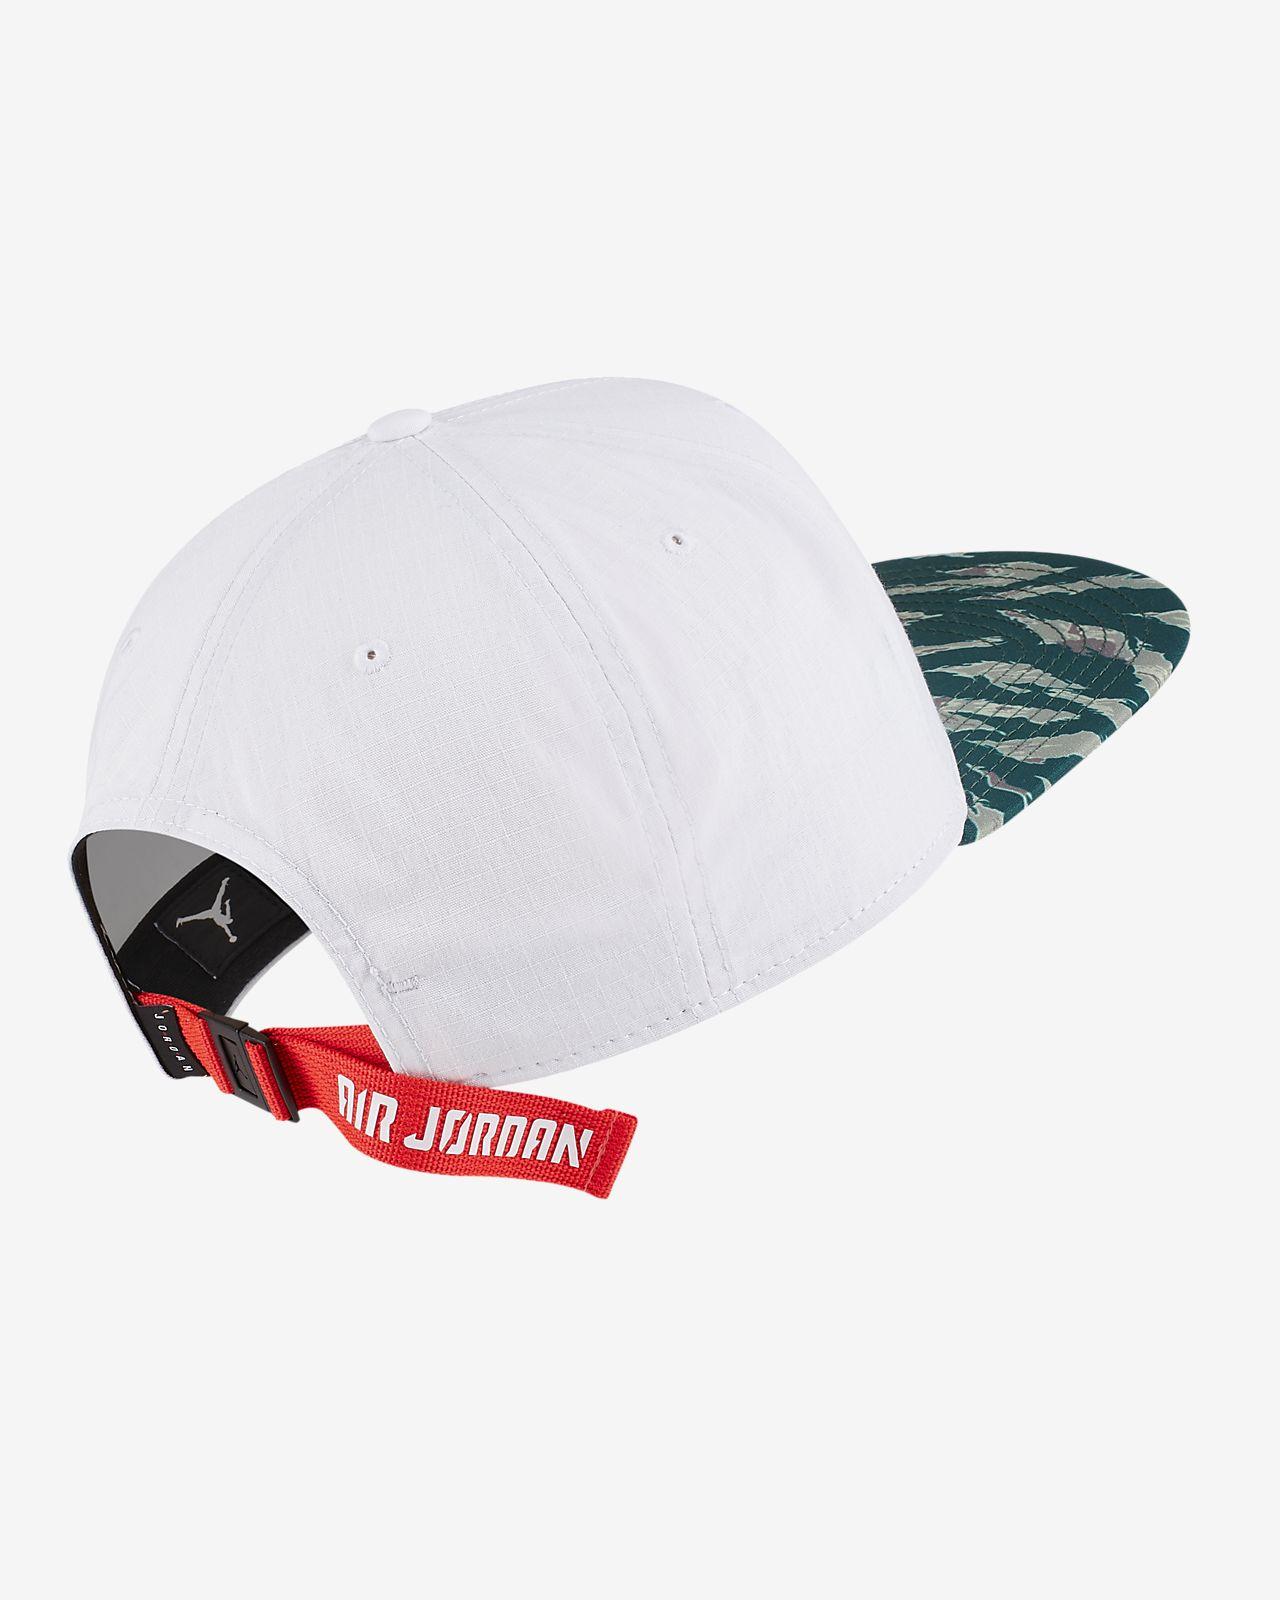 5d42430749a Jordan Pro City of Flight 2.0 Hat. Nike.com SG